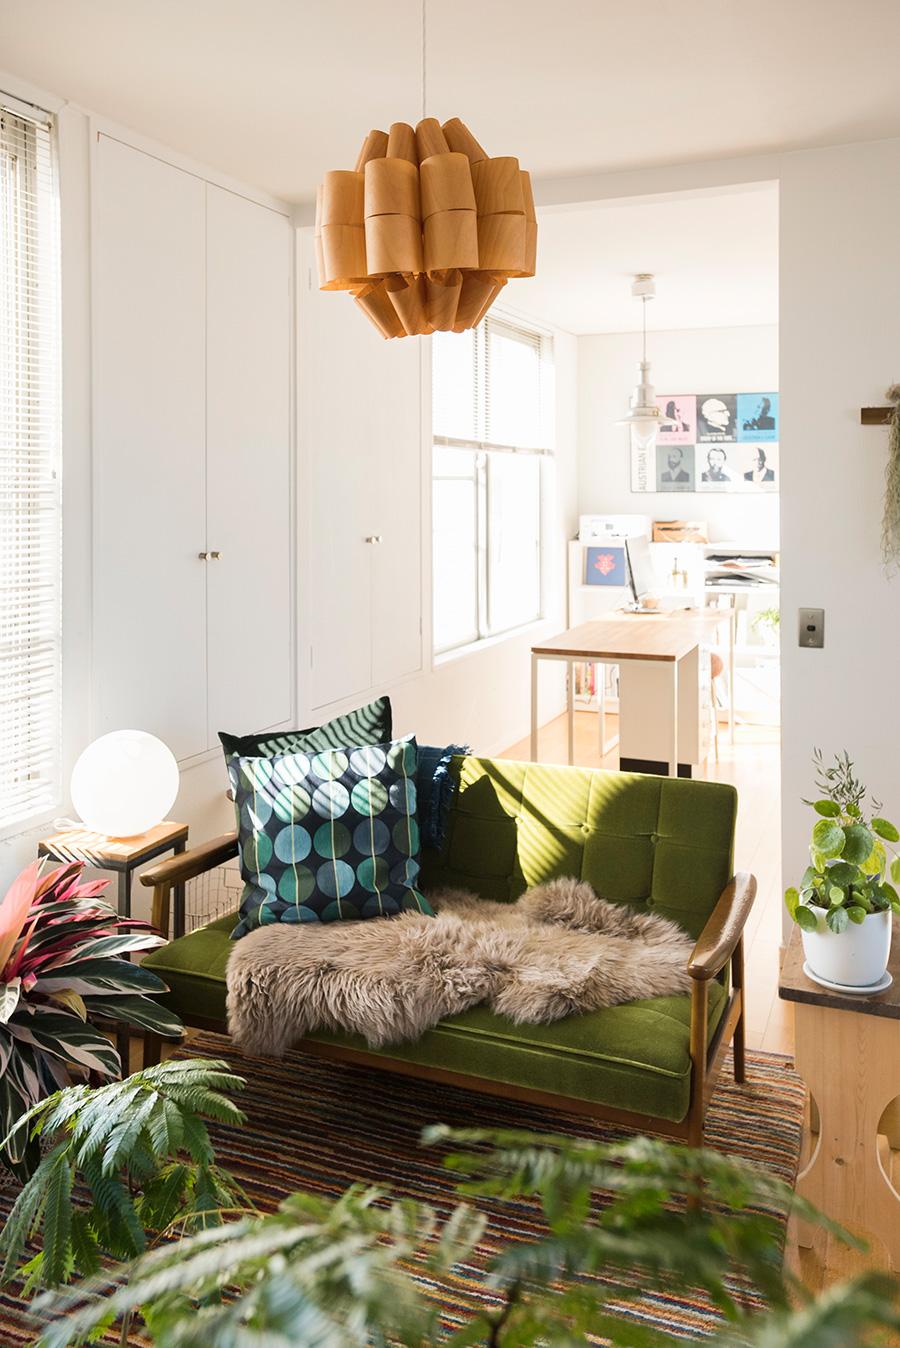 カリモクのソファーは識史さんのお気に入り。照明作家・谷俊幸さんの桜の木のペンダントライトがグリーンに調和する。壁の収納は外に張り出した独特の造り。